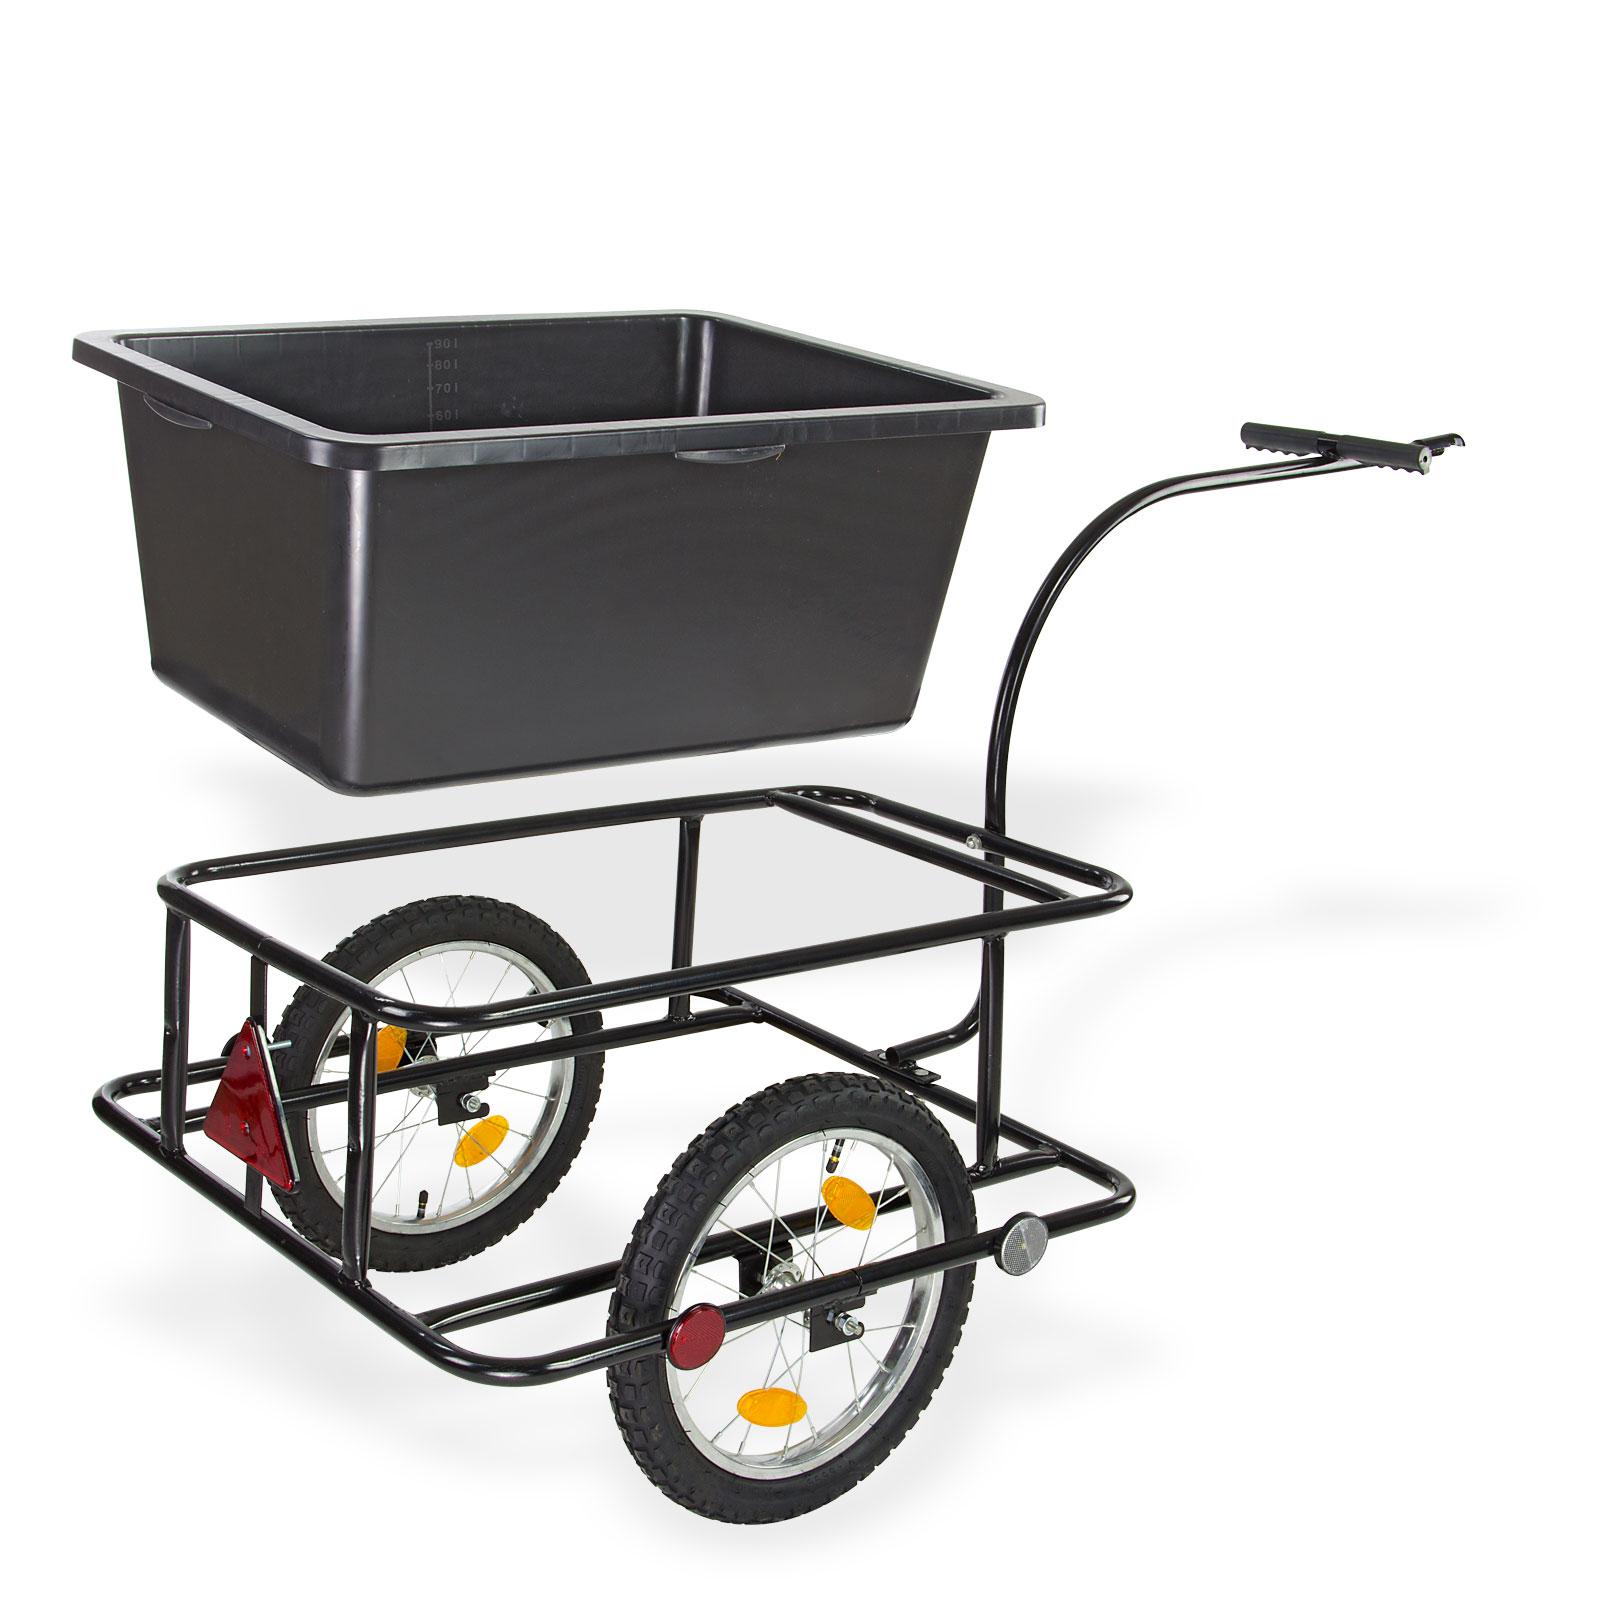 fahrradanh nger lastenanh nger fahrrad h nger transport. Black Bedroom Furniture Sets. Home Design Ideas